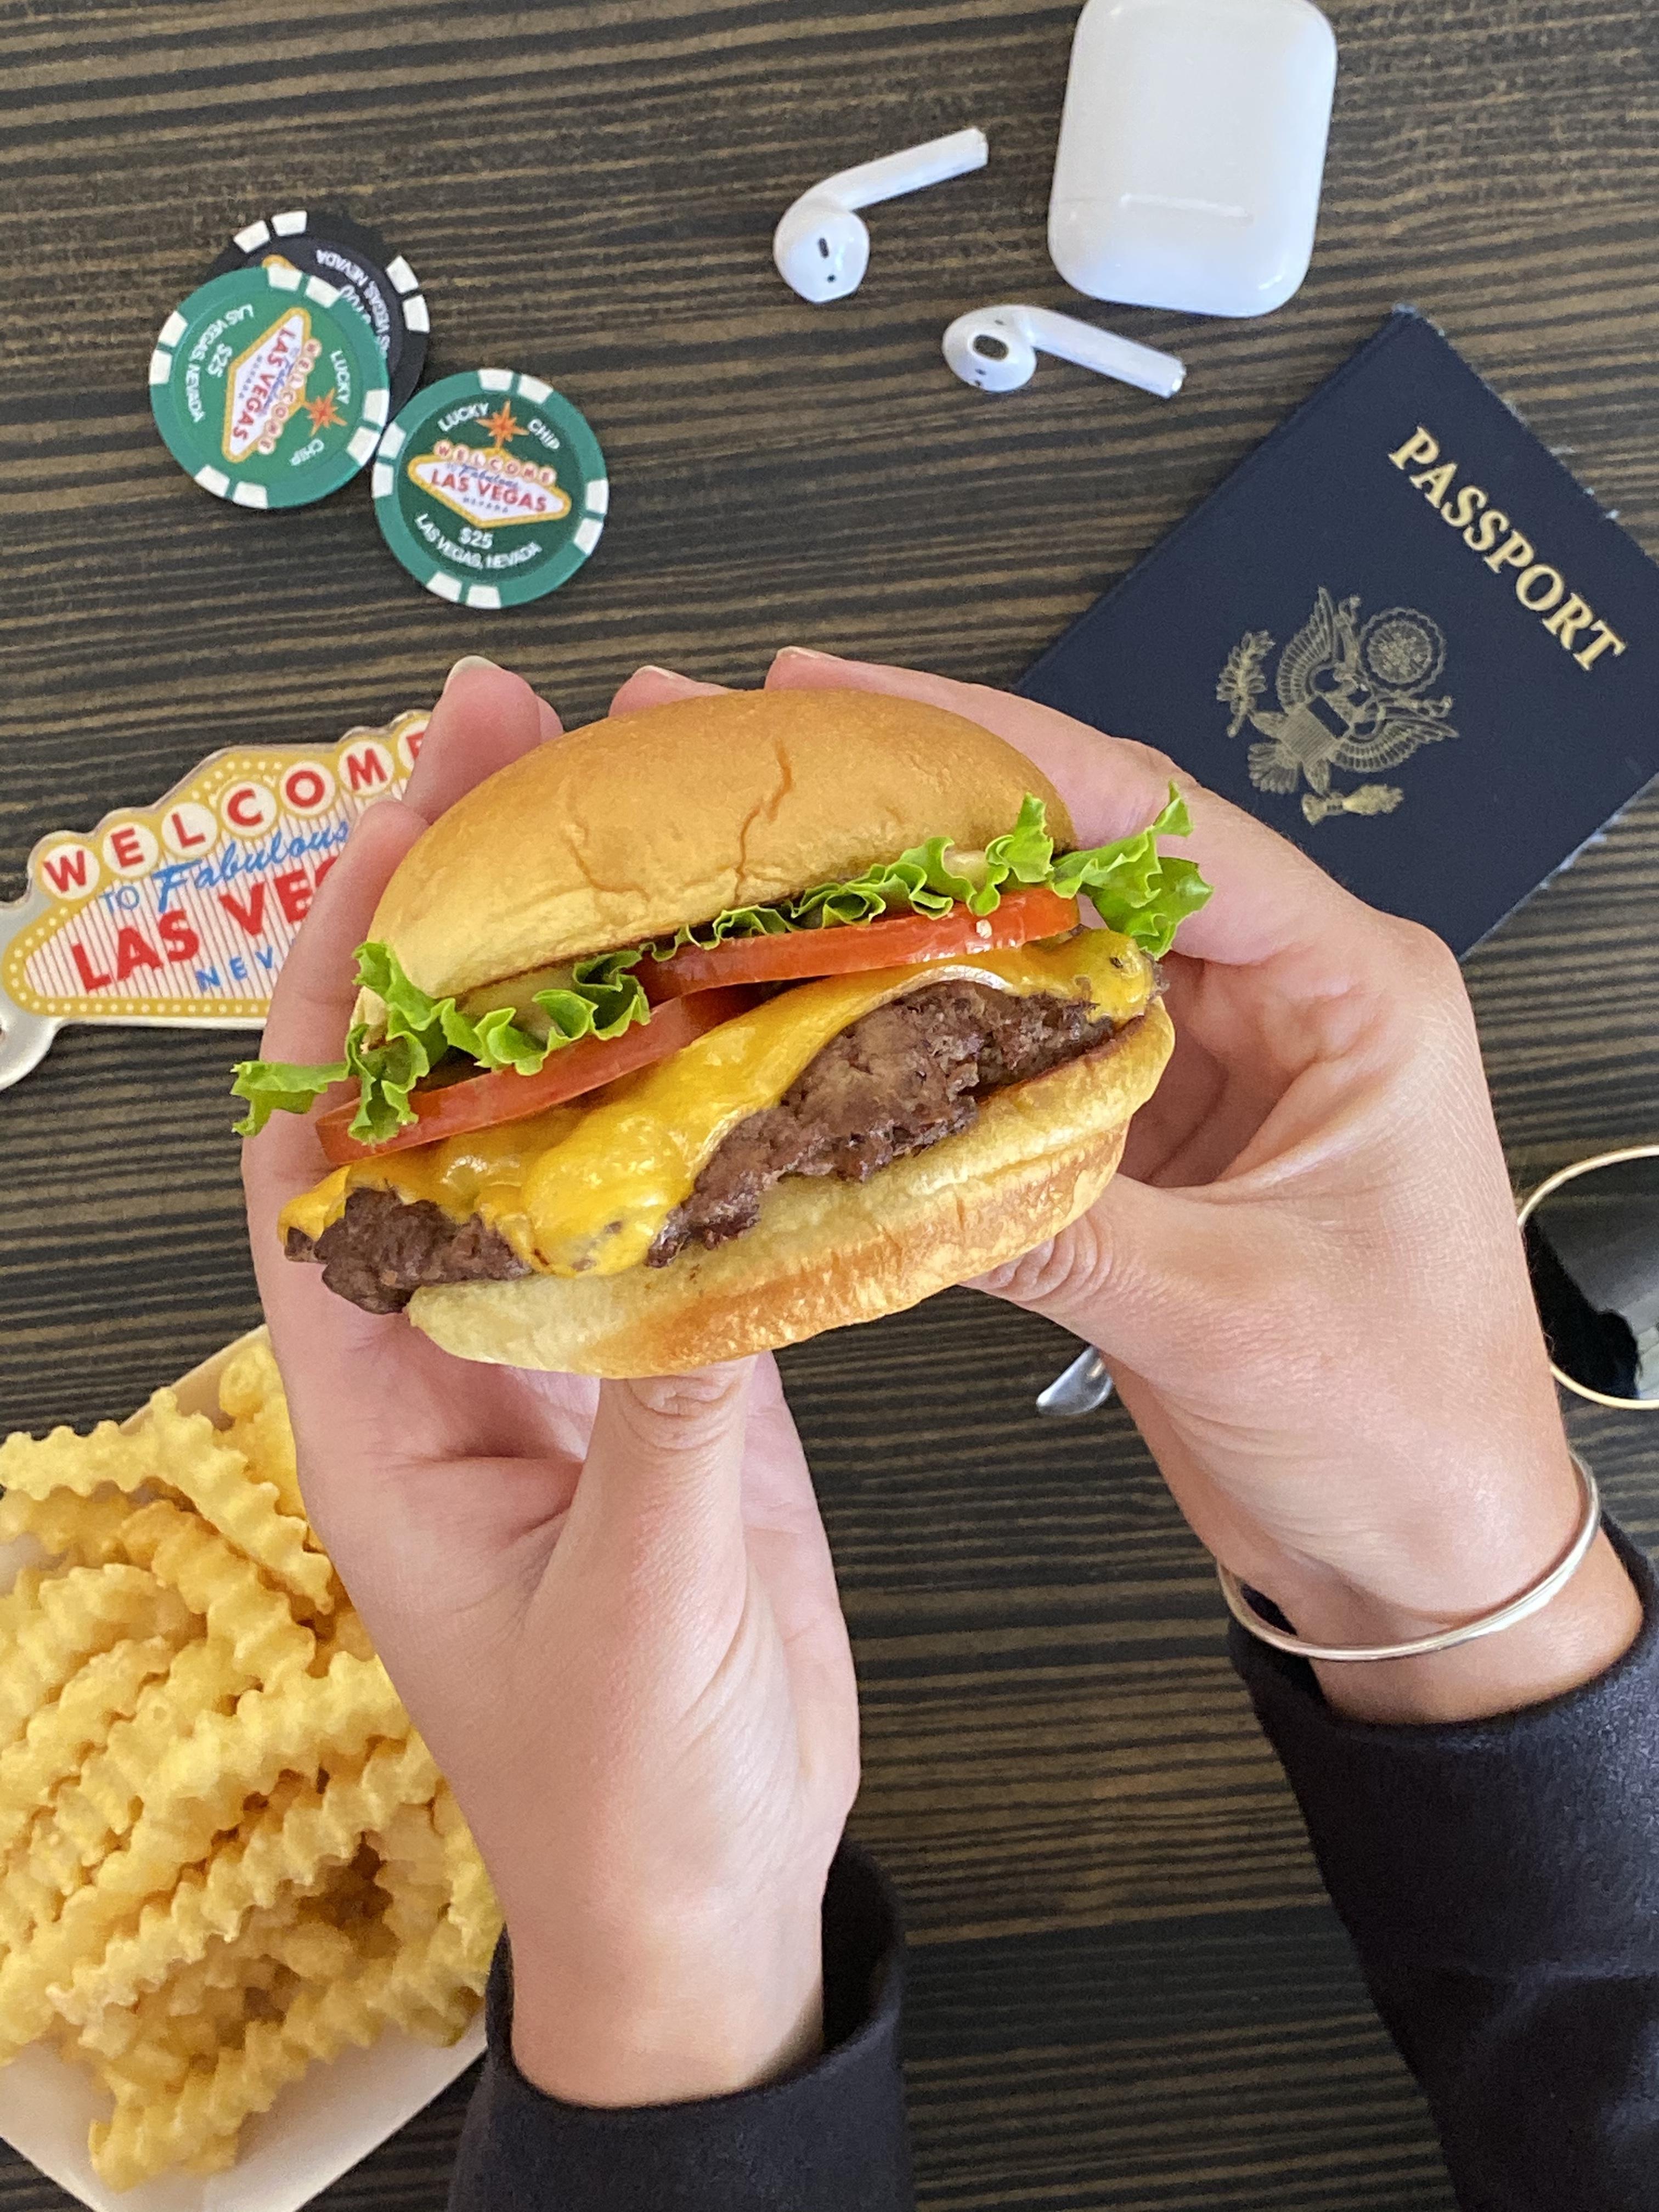 Hands holding a burger